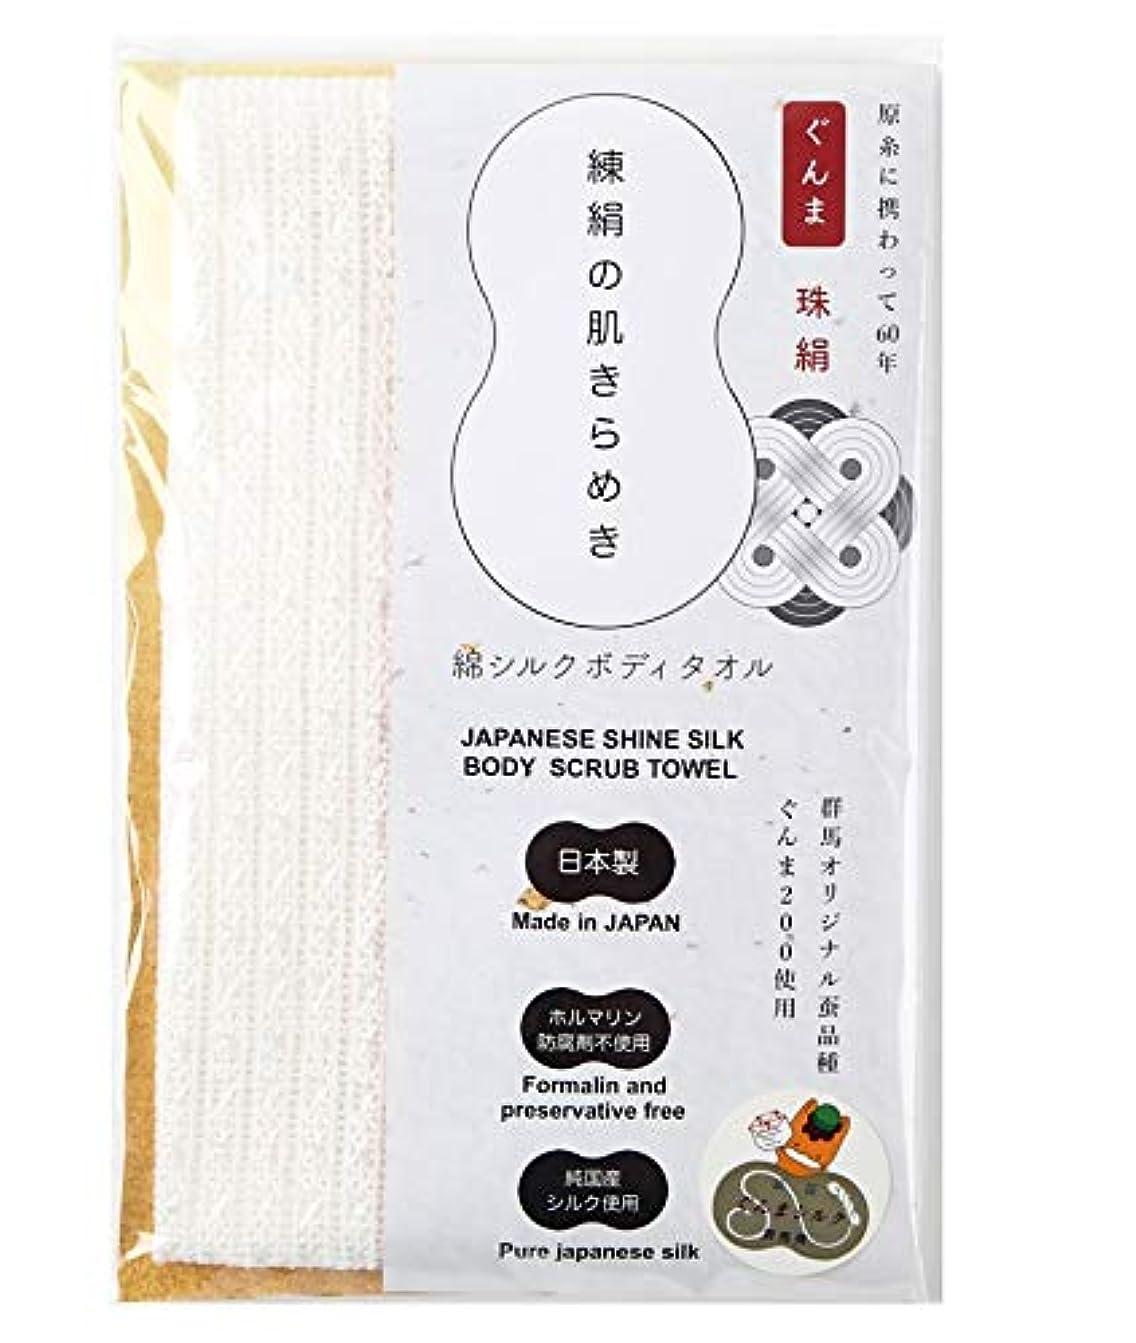 好奇心被害者偏見くーる&ほっと 珠絹(たまぎぬ) 練絹の肌きらめき 純国産絹(ぐんまシルク)使用 日本製 綿シルクボディタオル